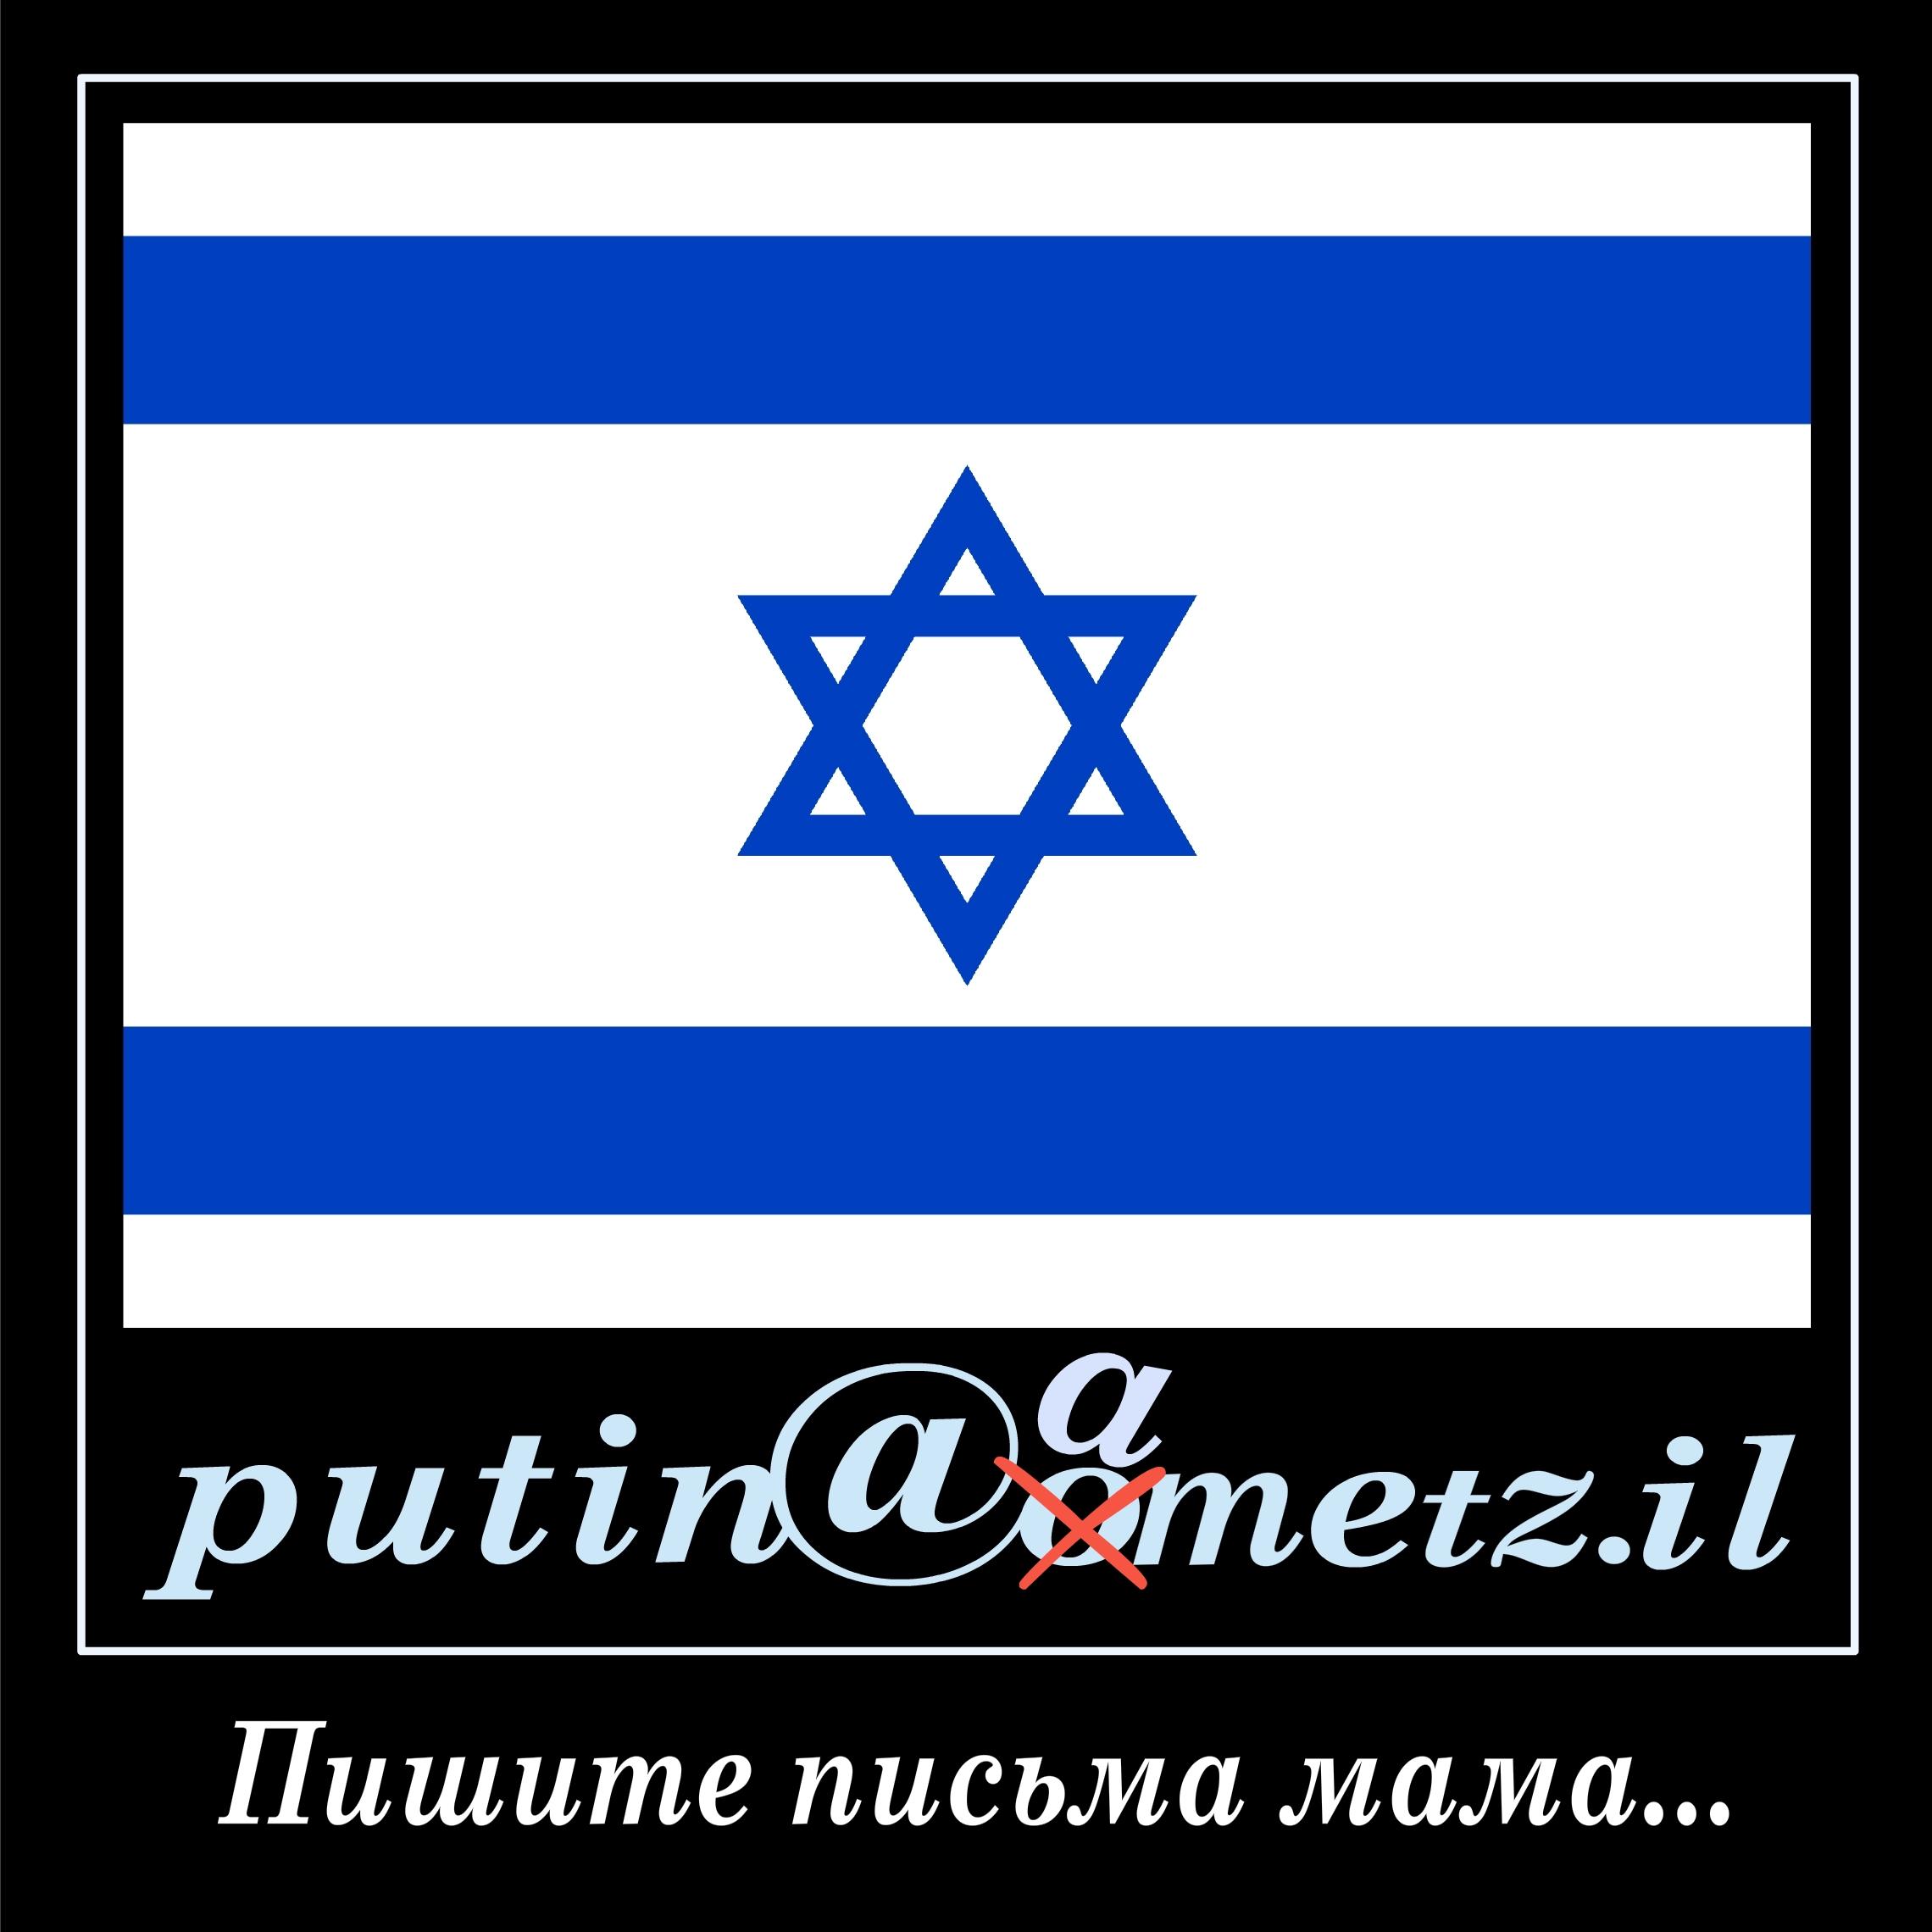 acometz2